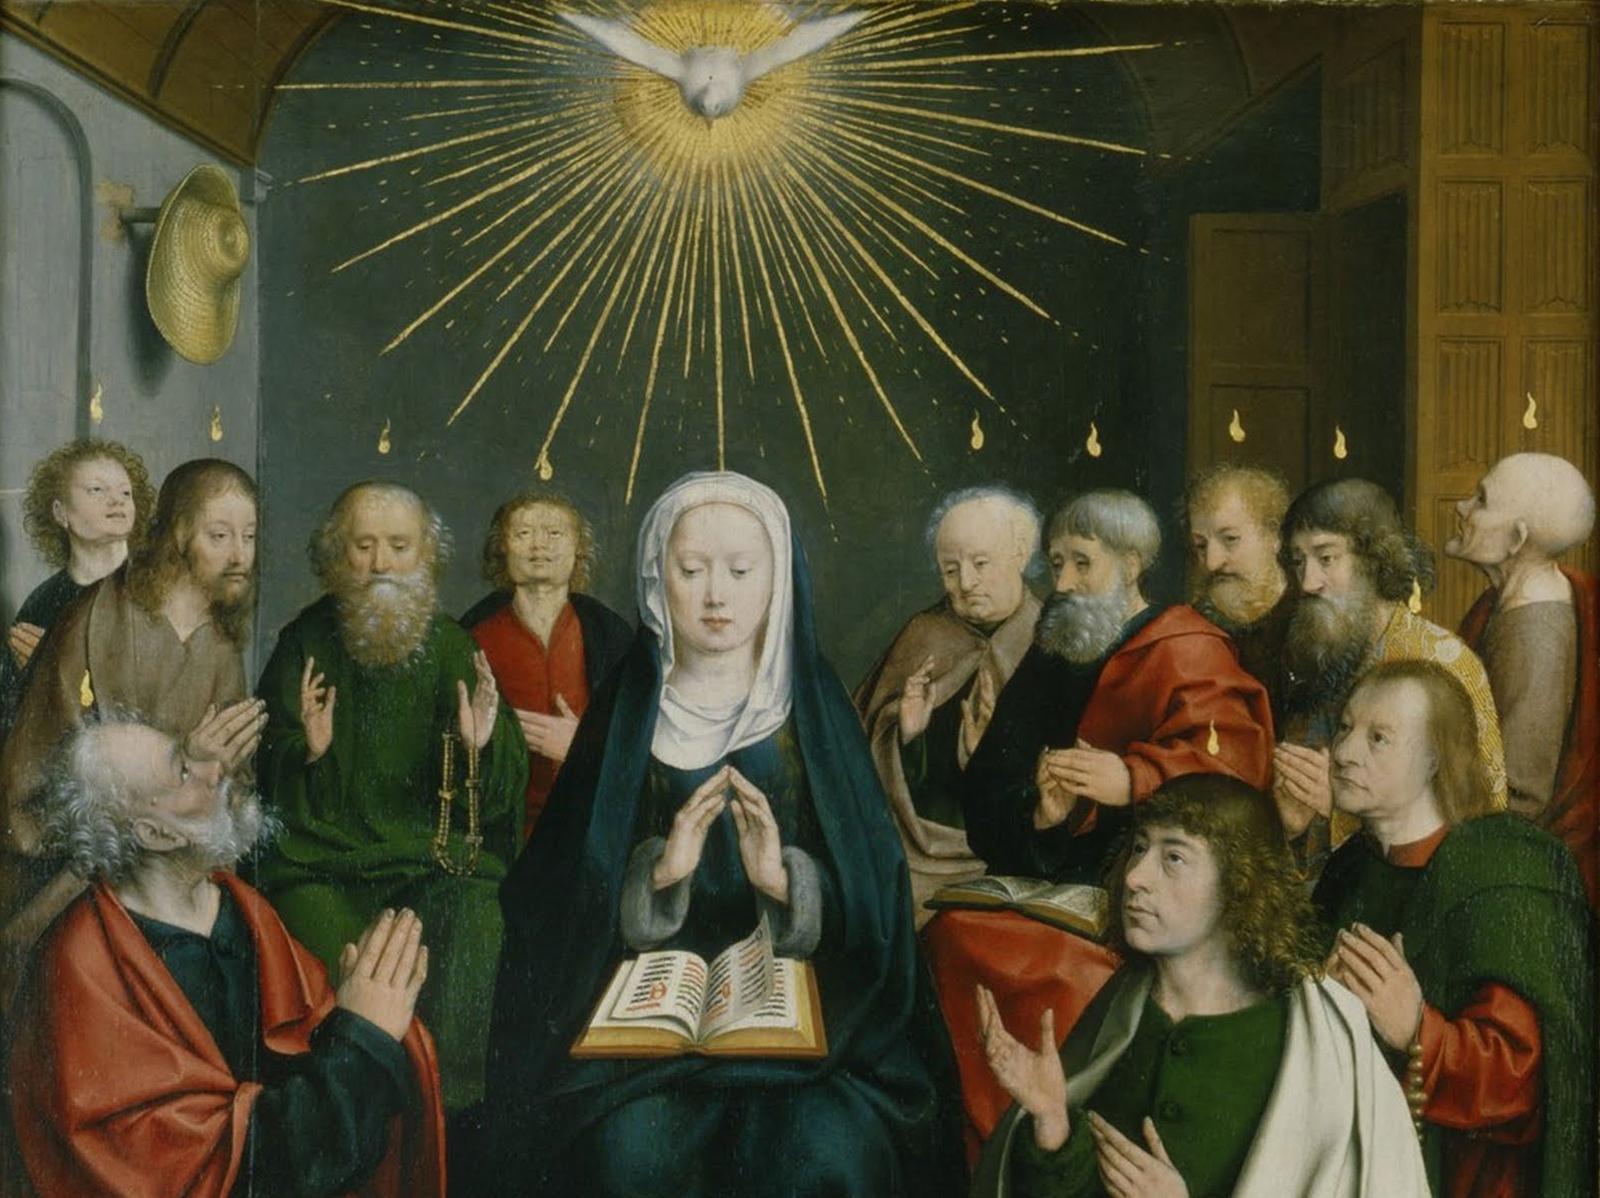 Se Maria já era cheia do Espírito Santo, o que aconteceu com ela em Pentecostes?